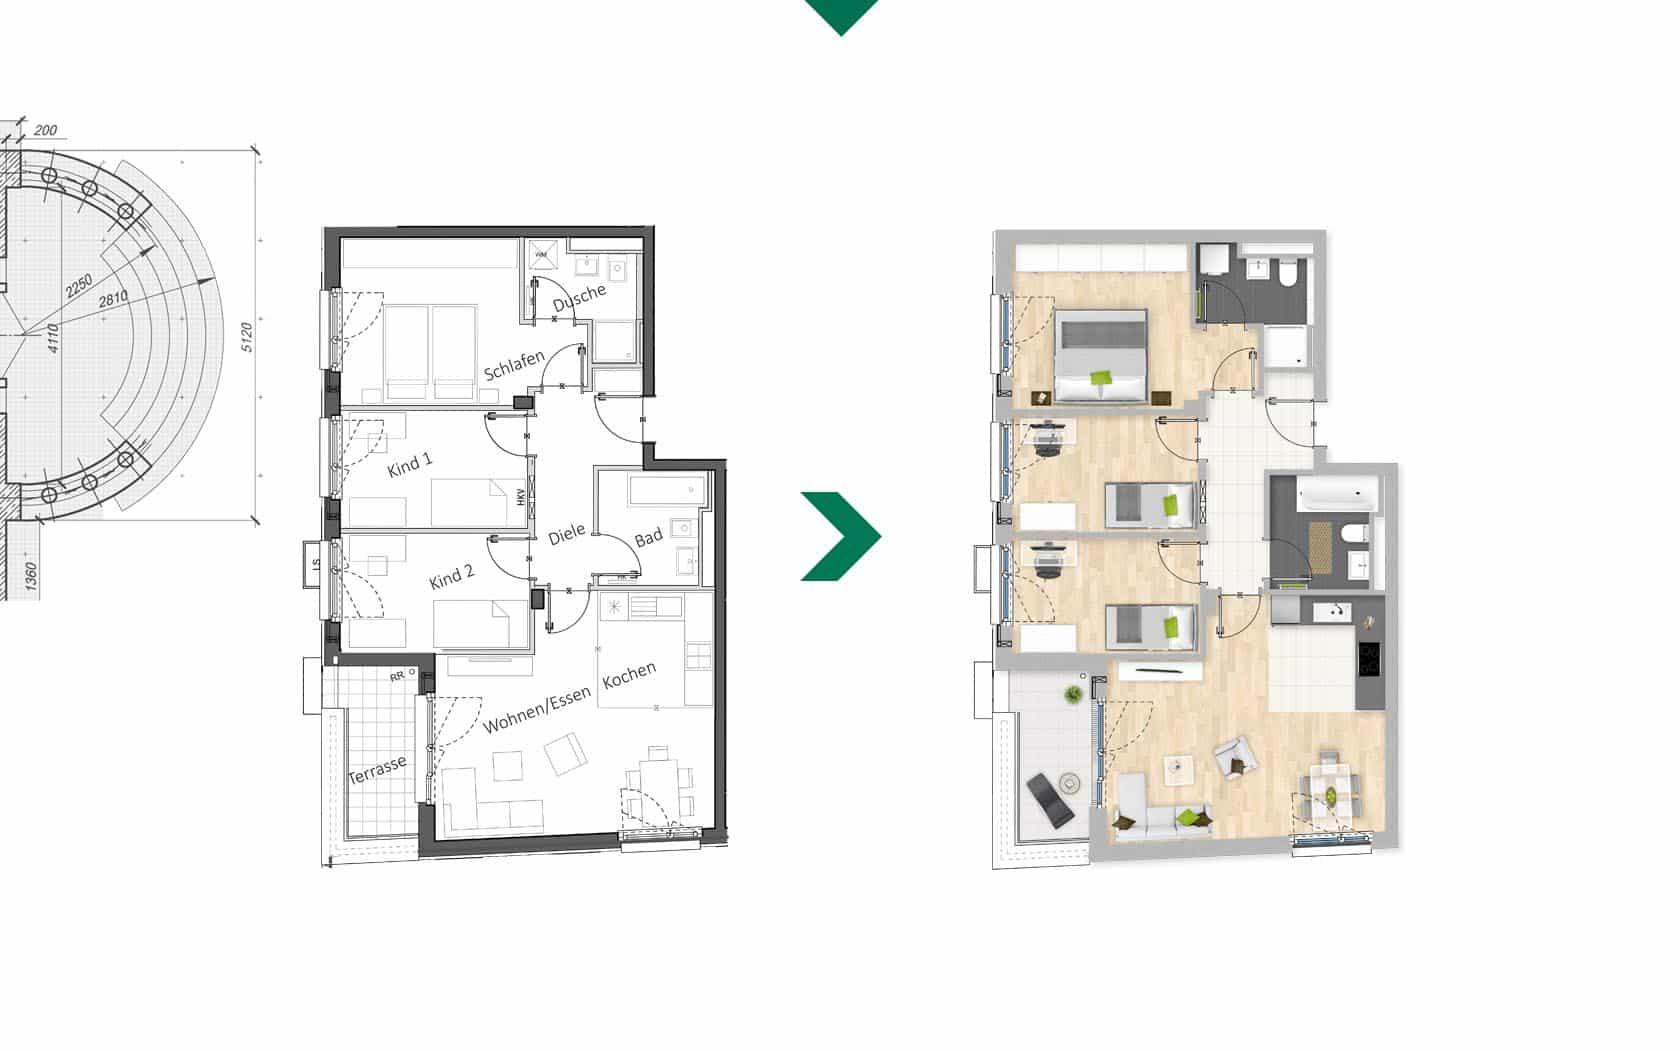 EAZEE Immobilienmarketing Terrafinanz Luisengruen Grundrisskolorierung